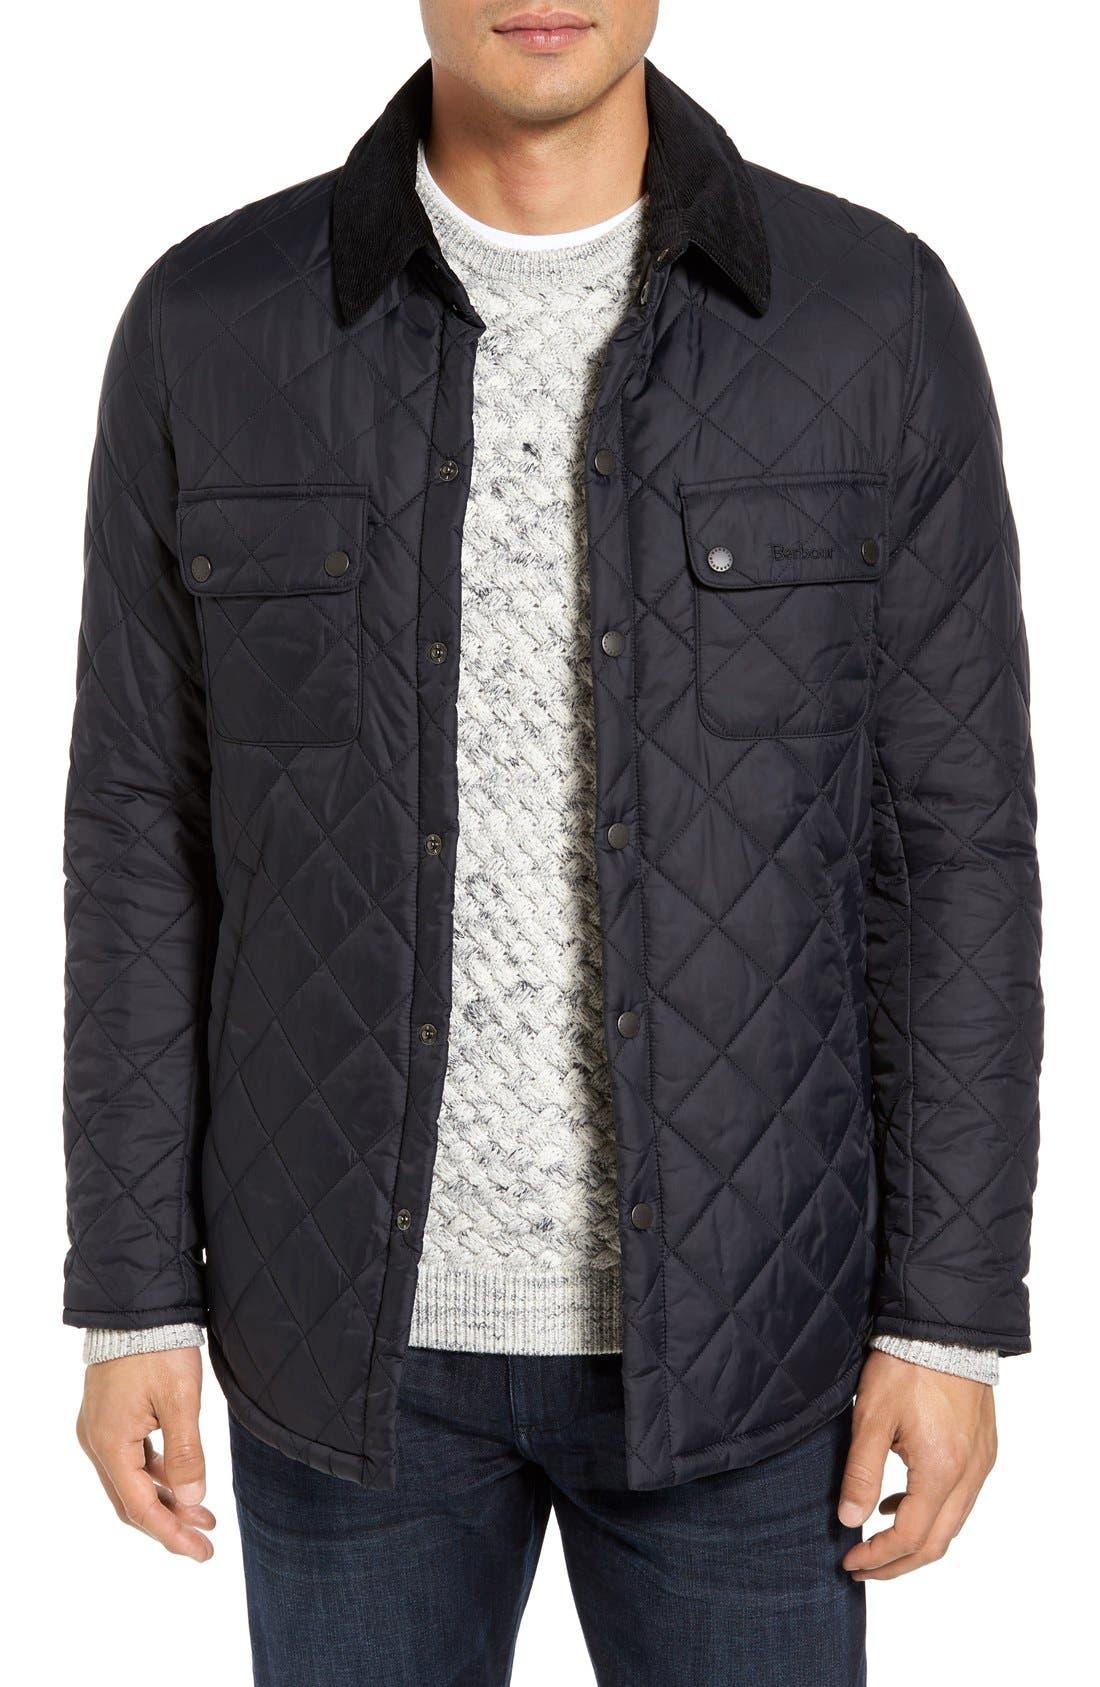 'Akenside' Regular Fit Quilted Jacket,                         Main,                         color, Black